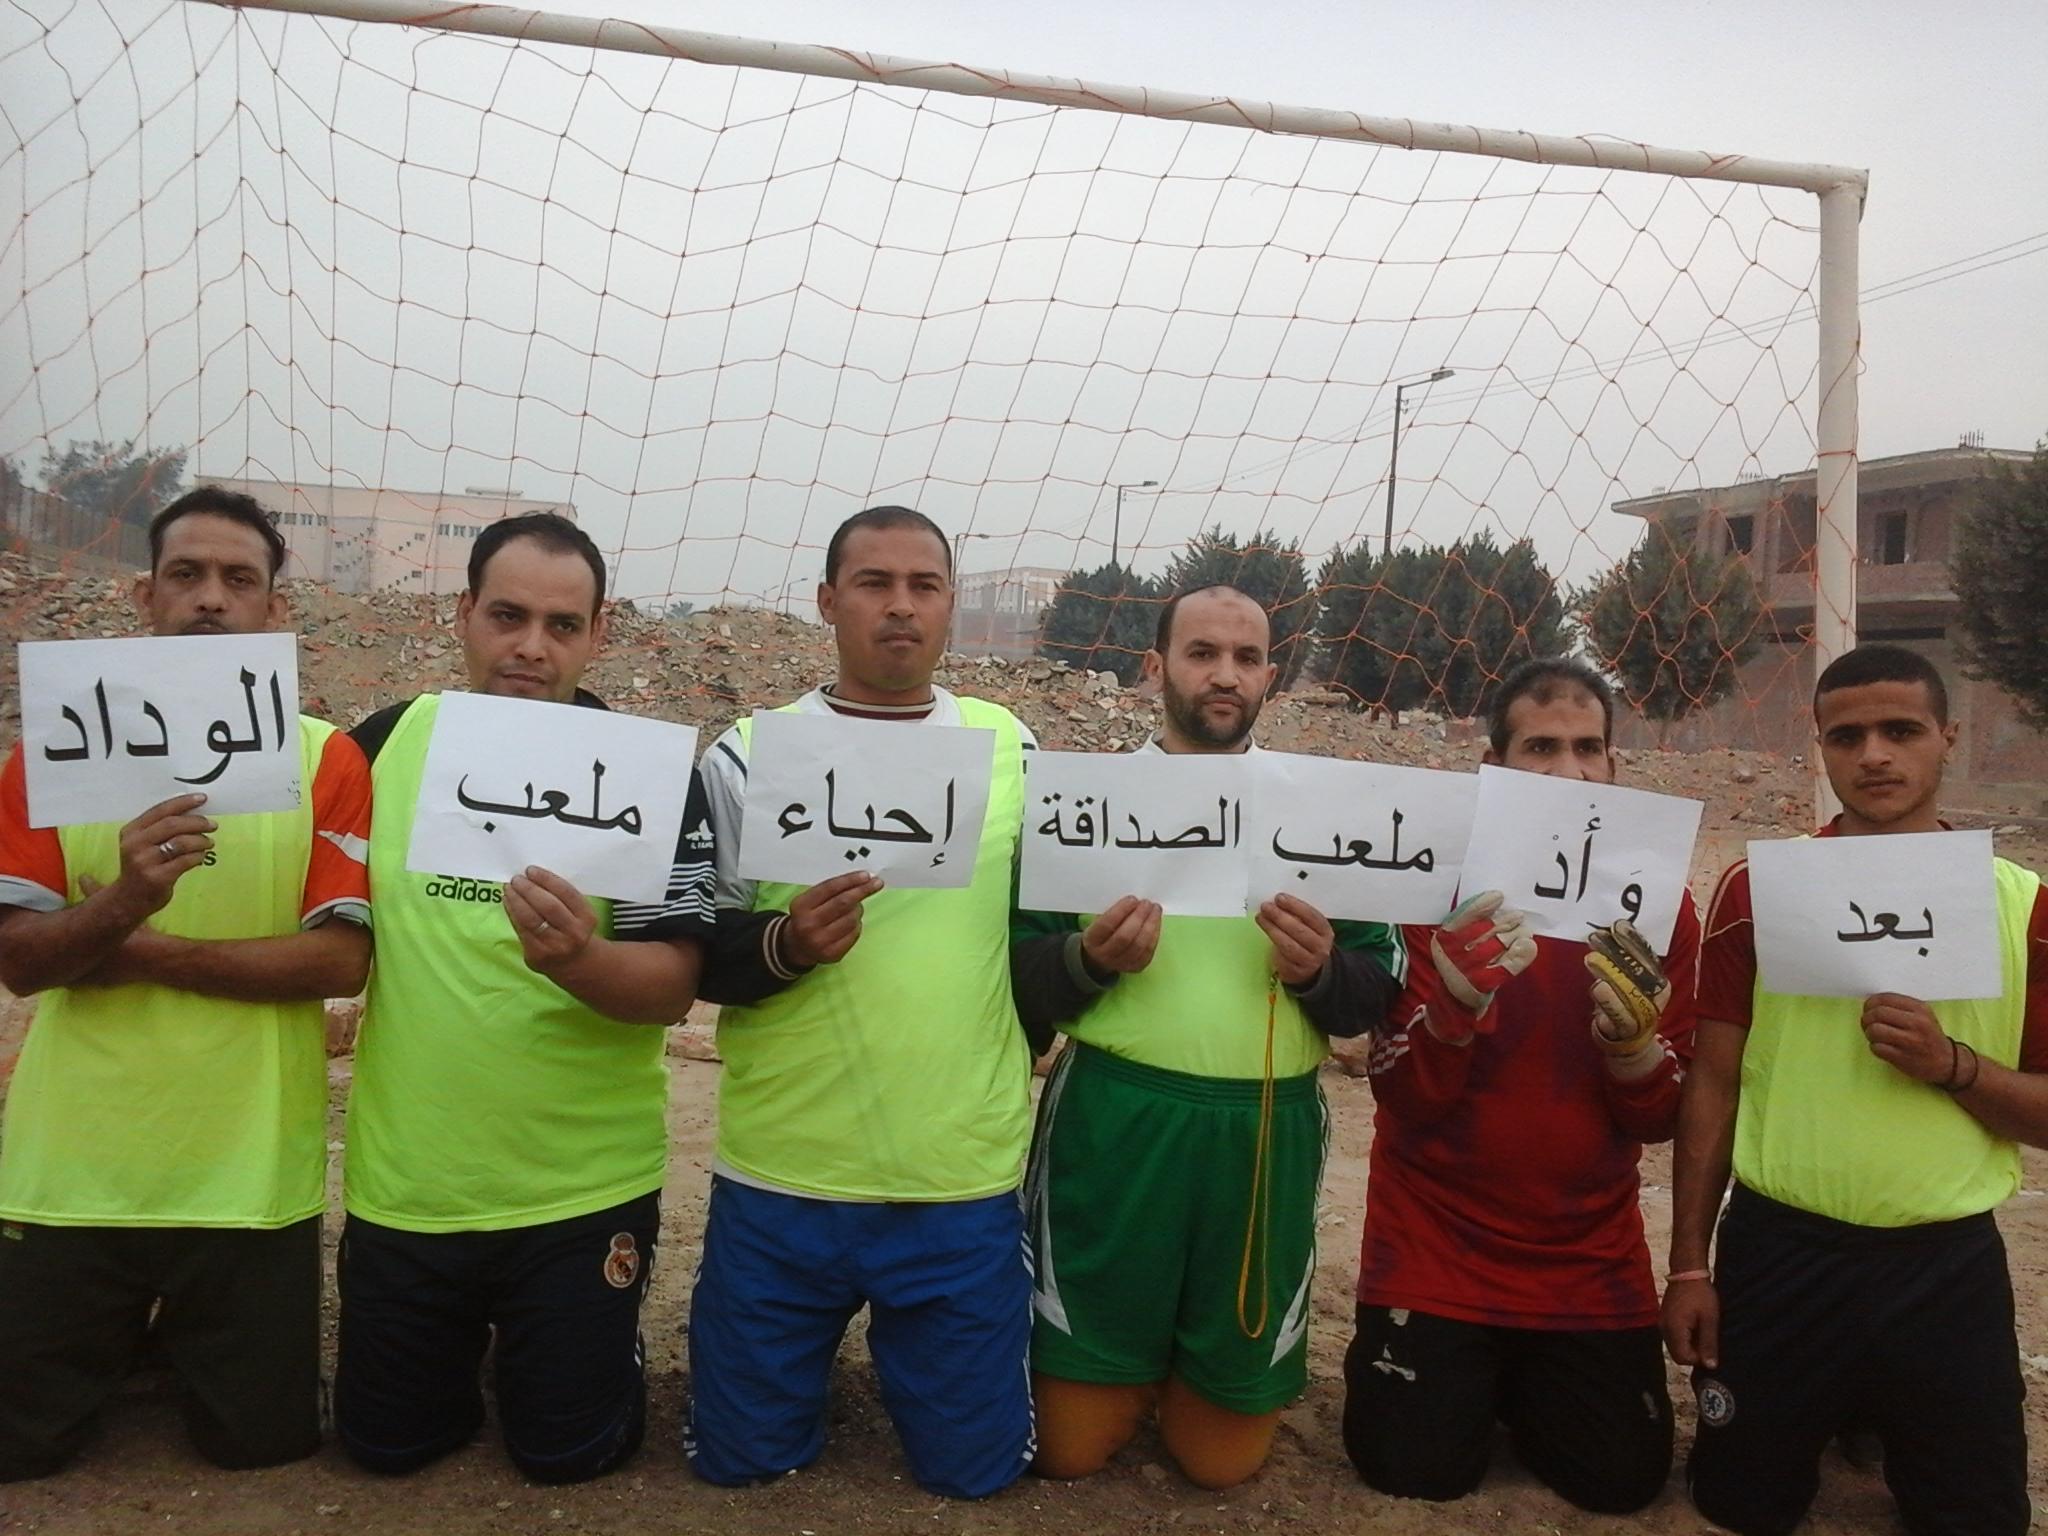 القاهرة.. ملعب كرة قدم في الخانكة